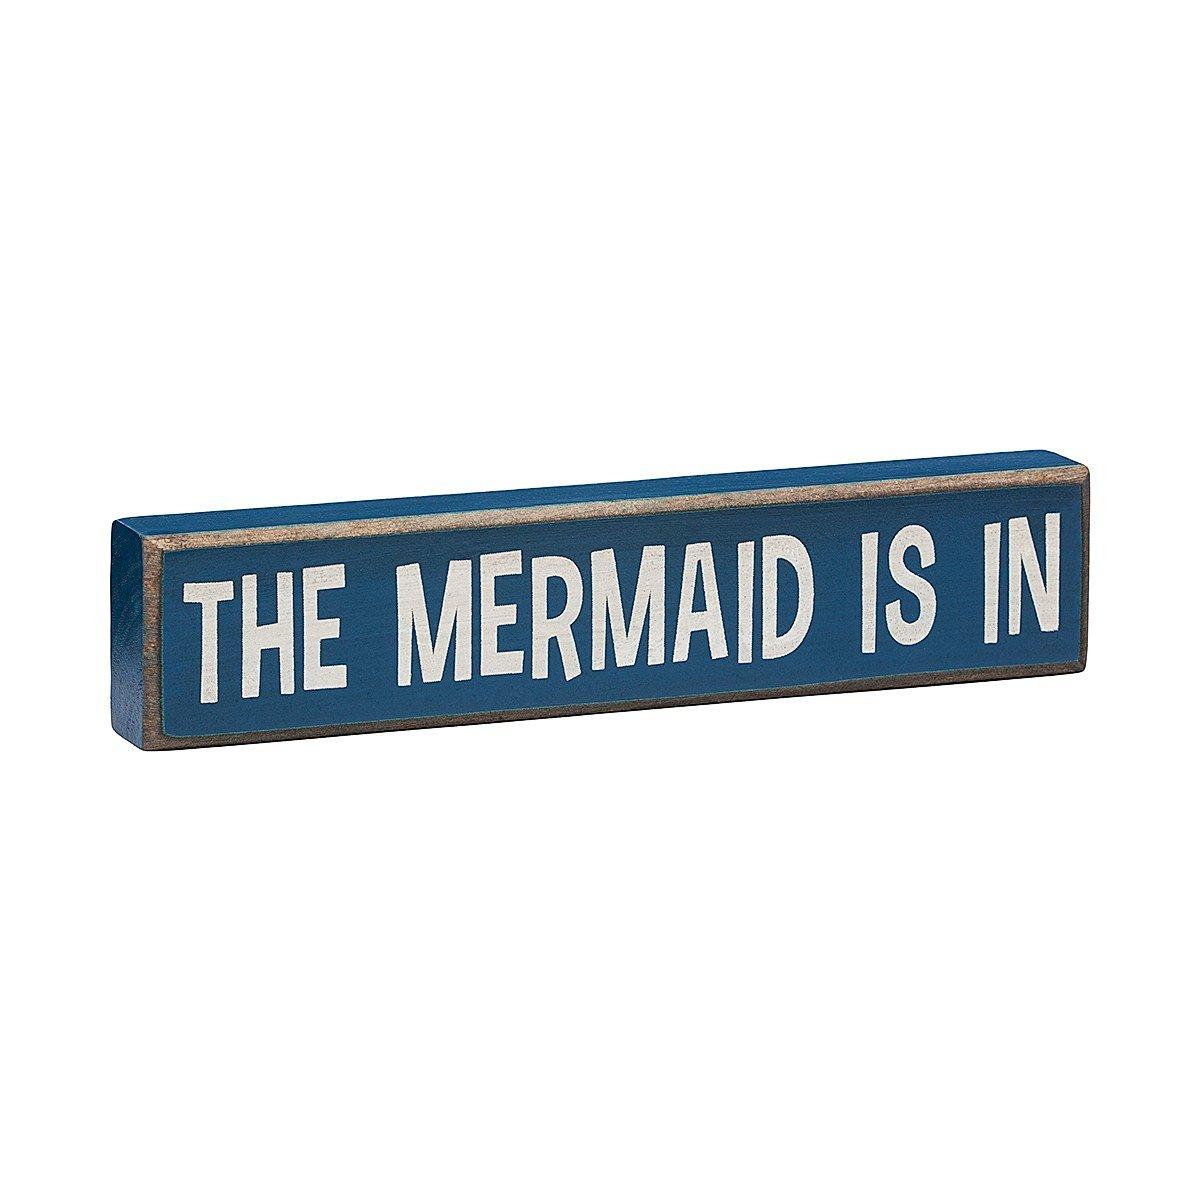 The Mermaid Is In - Vintage Coastal Mini Wood Sign - 8-in